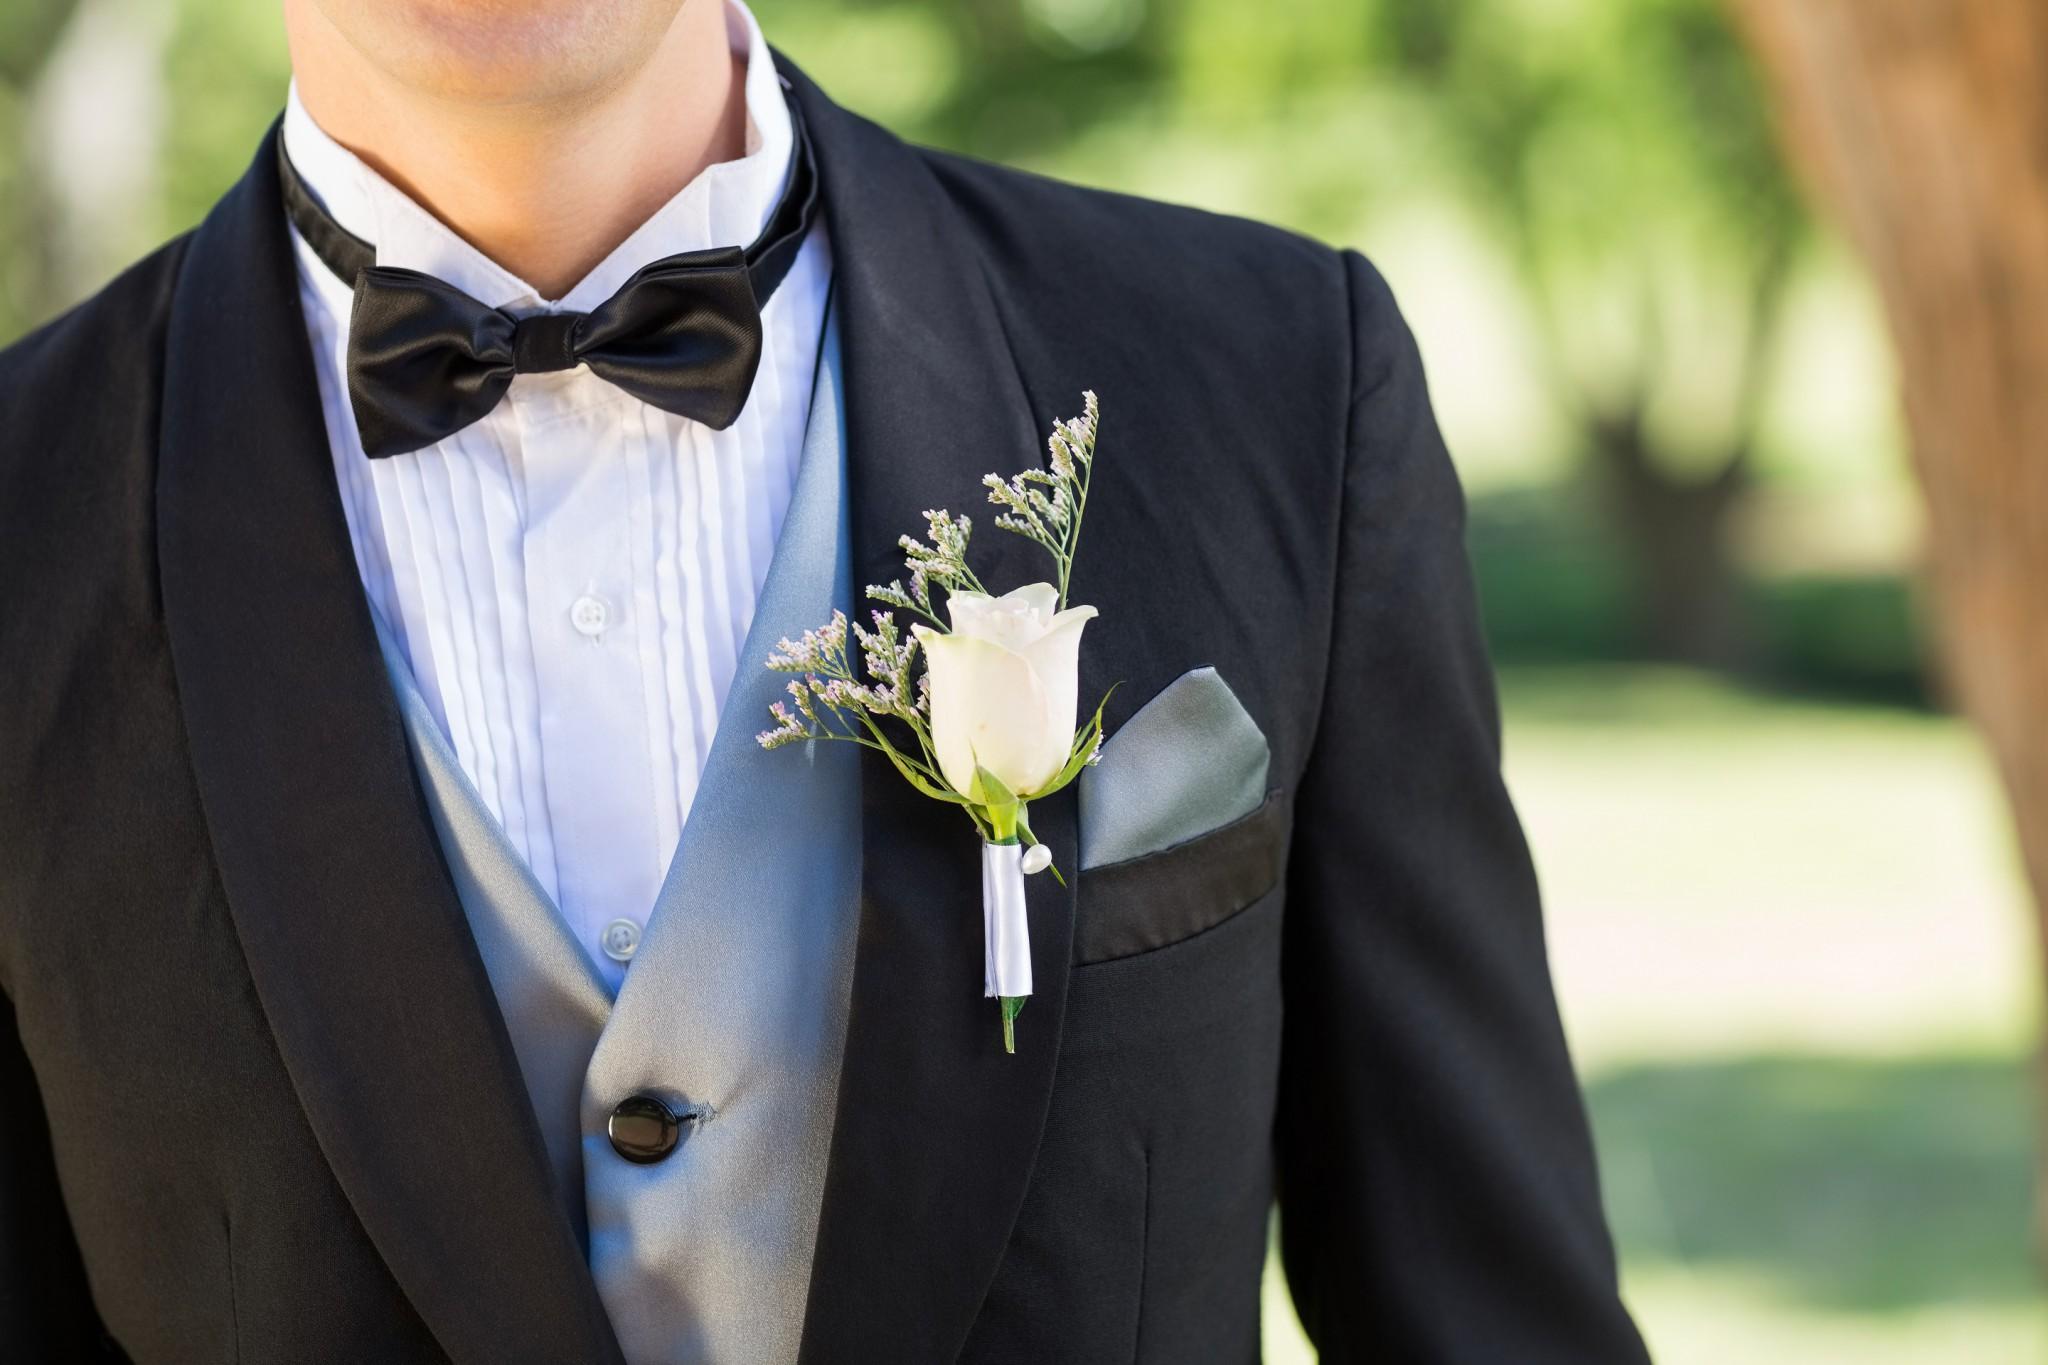 0a271de6384cd 肩掛けをかけたような襟の形です。色は黒で、ボタンは1つというのが一般的です。ピークドラペルに比べてインフォーマルな印象を与えるので、カジュアルな雰囲気に  ...